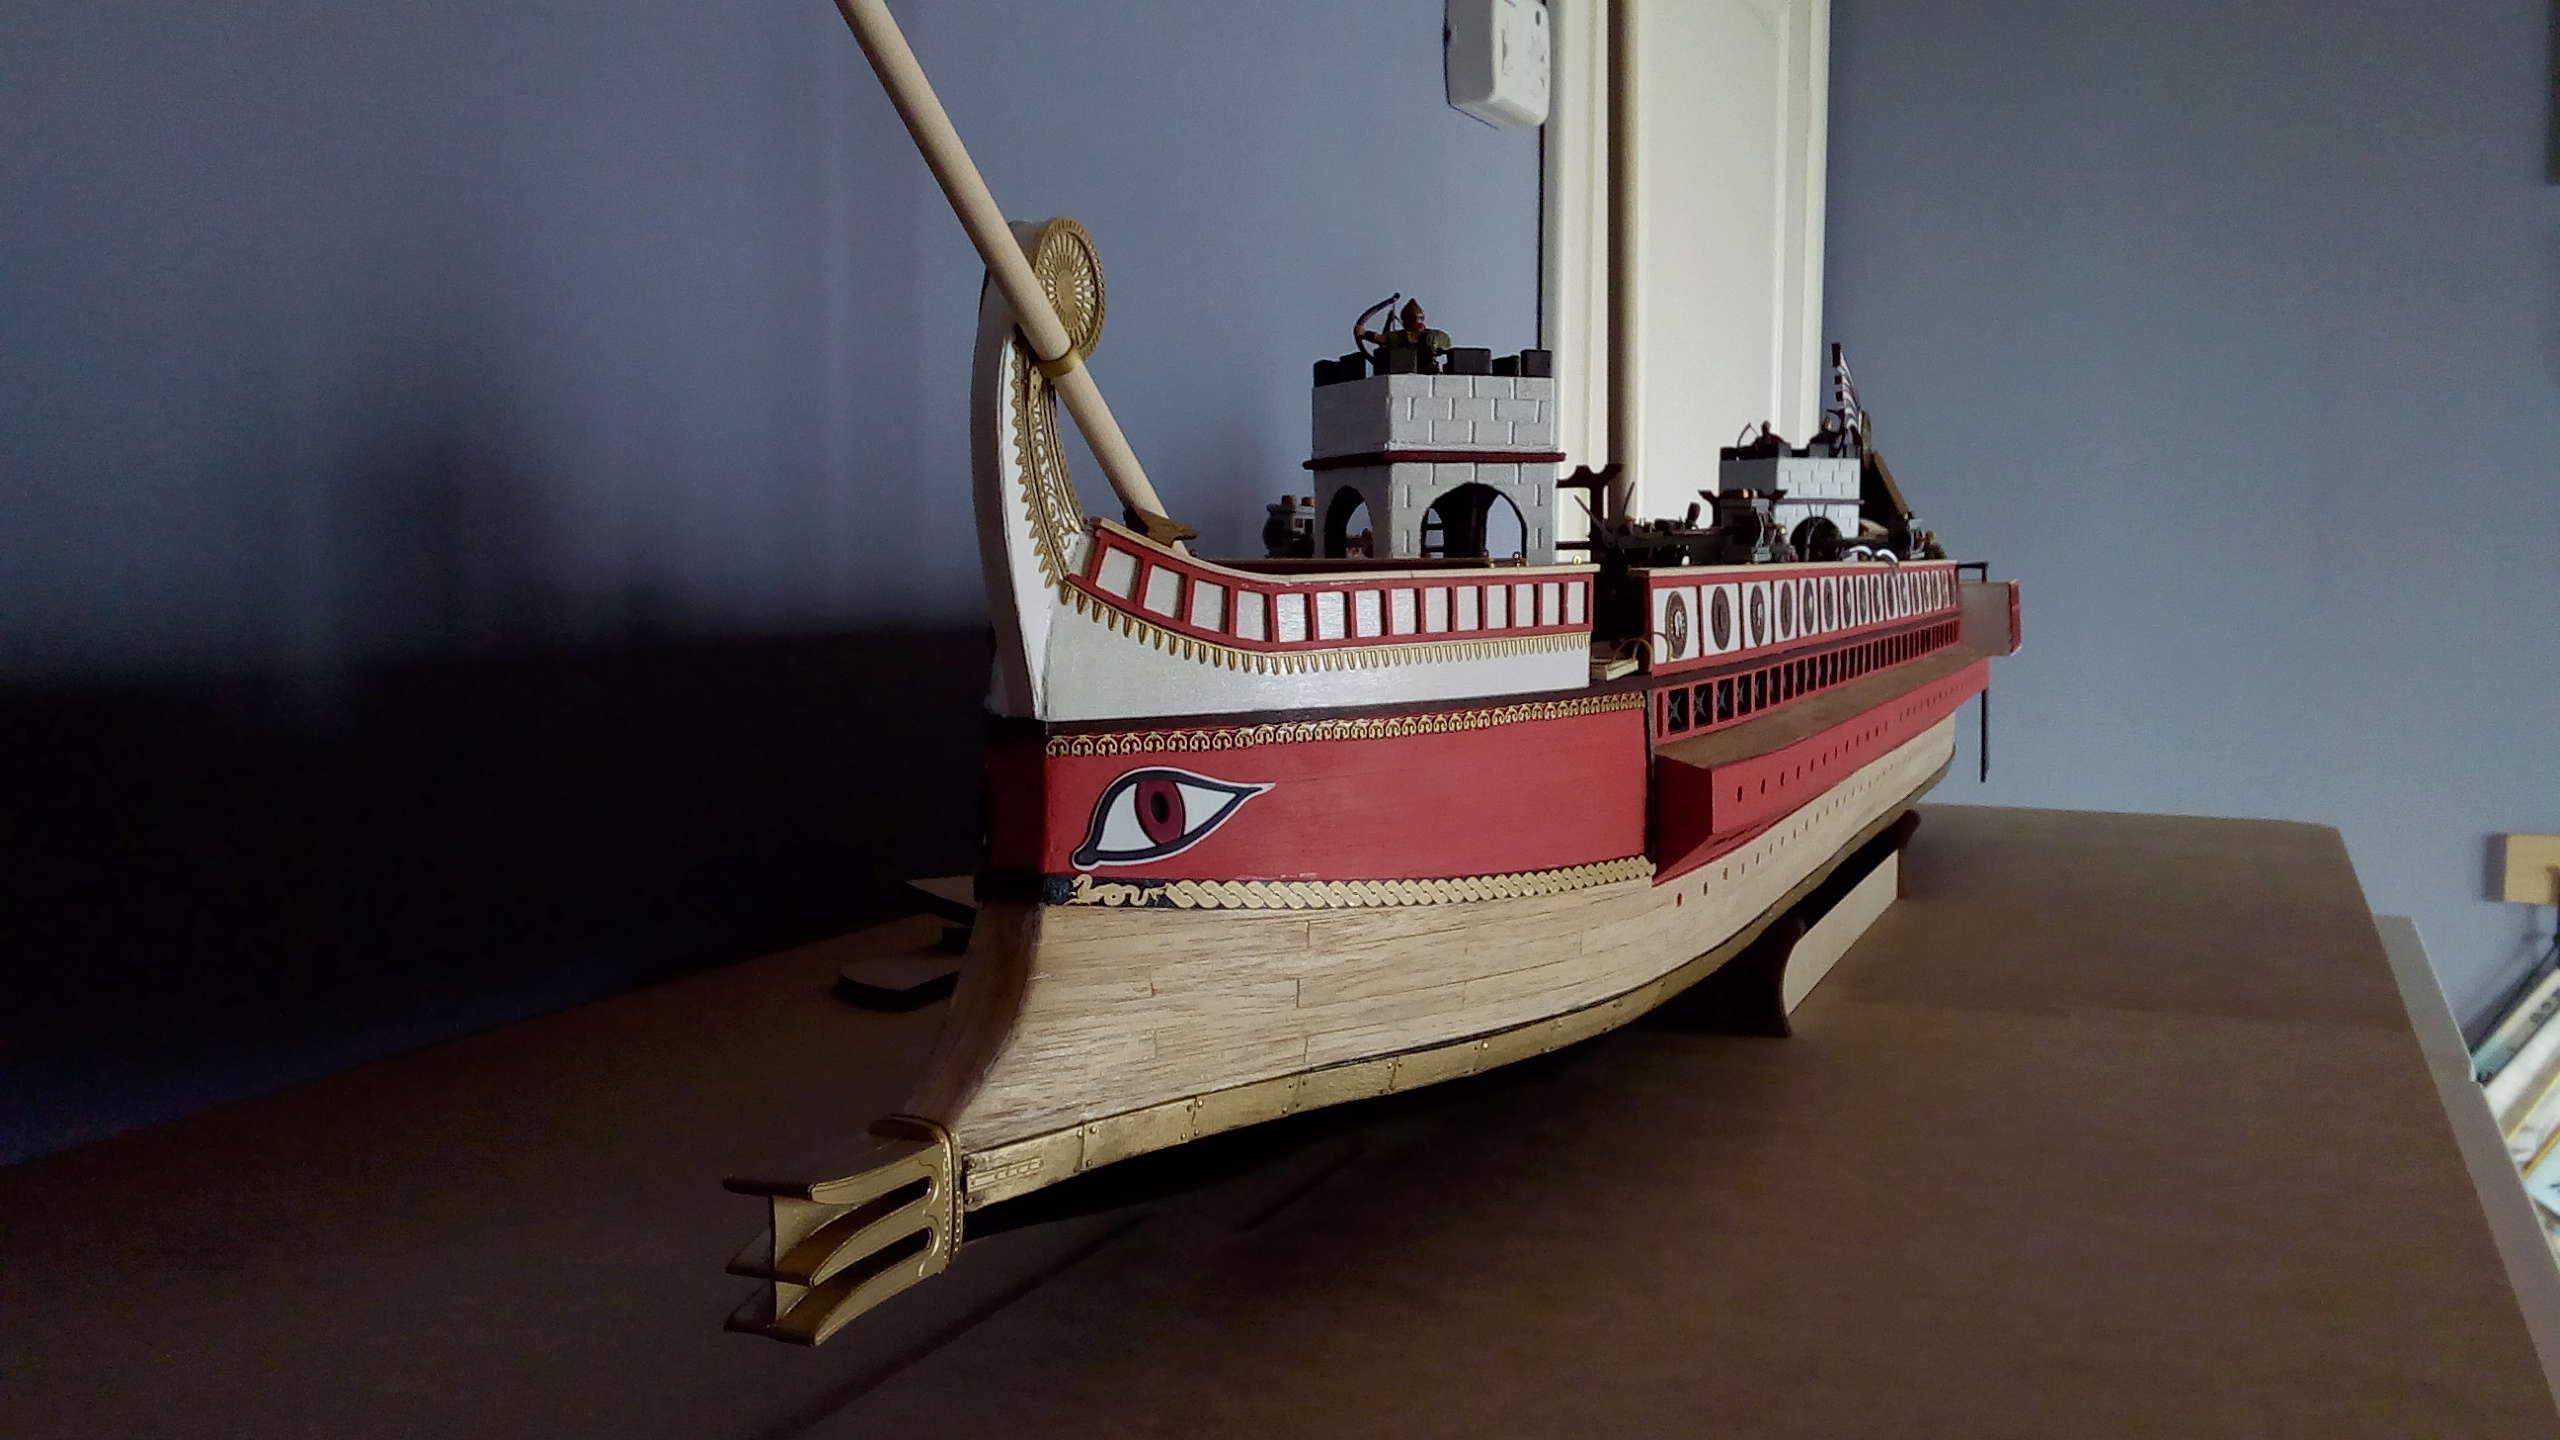 nave - Costruiamo la Nave Romana Quinquereme ? - Pagina 6 Img_2036